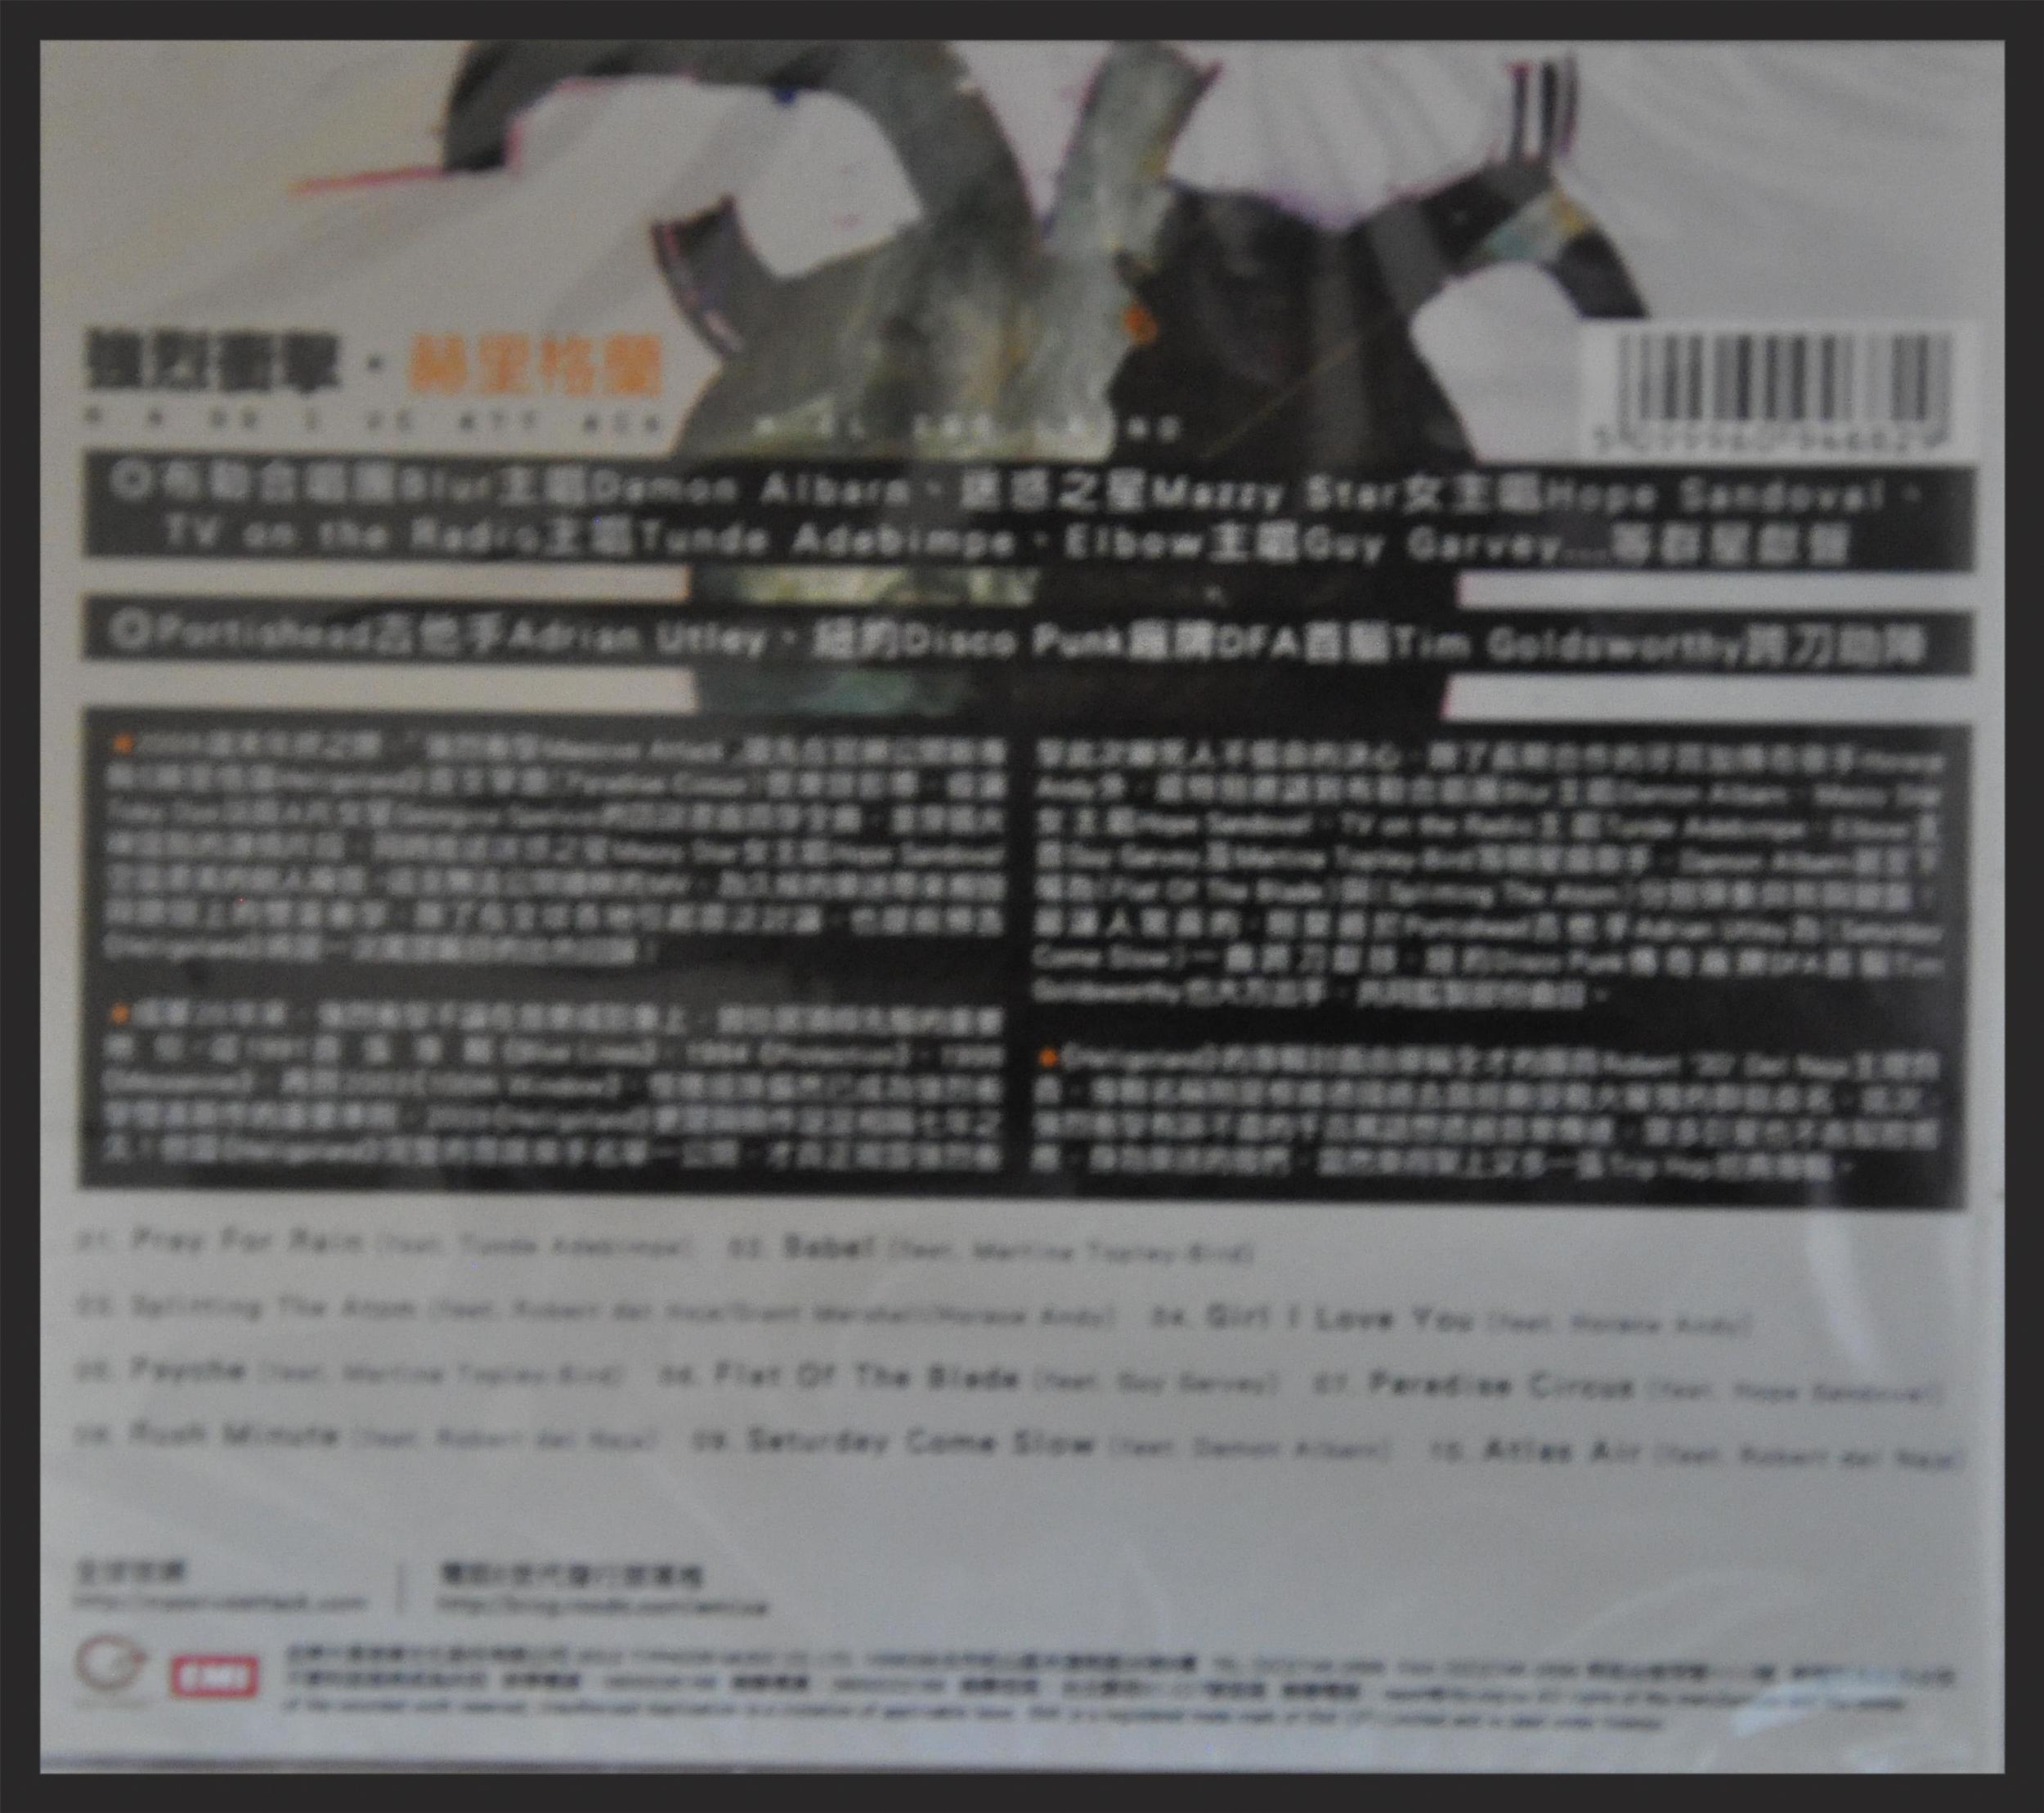 taiwaneseretailcd-1304339603.jpg